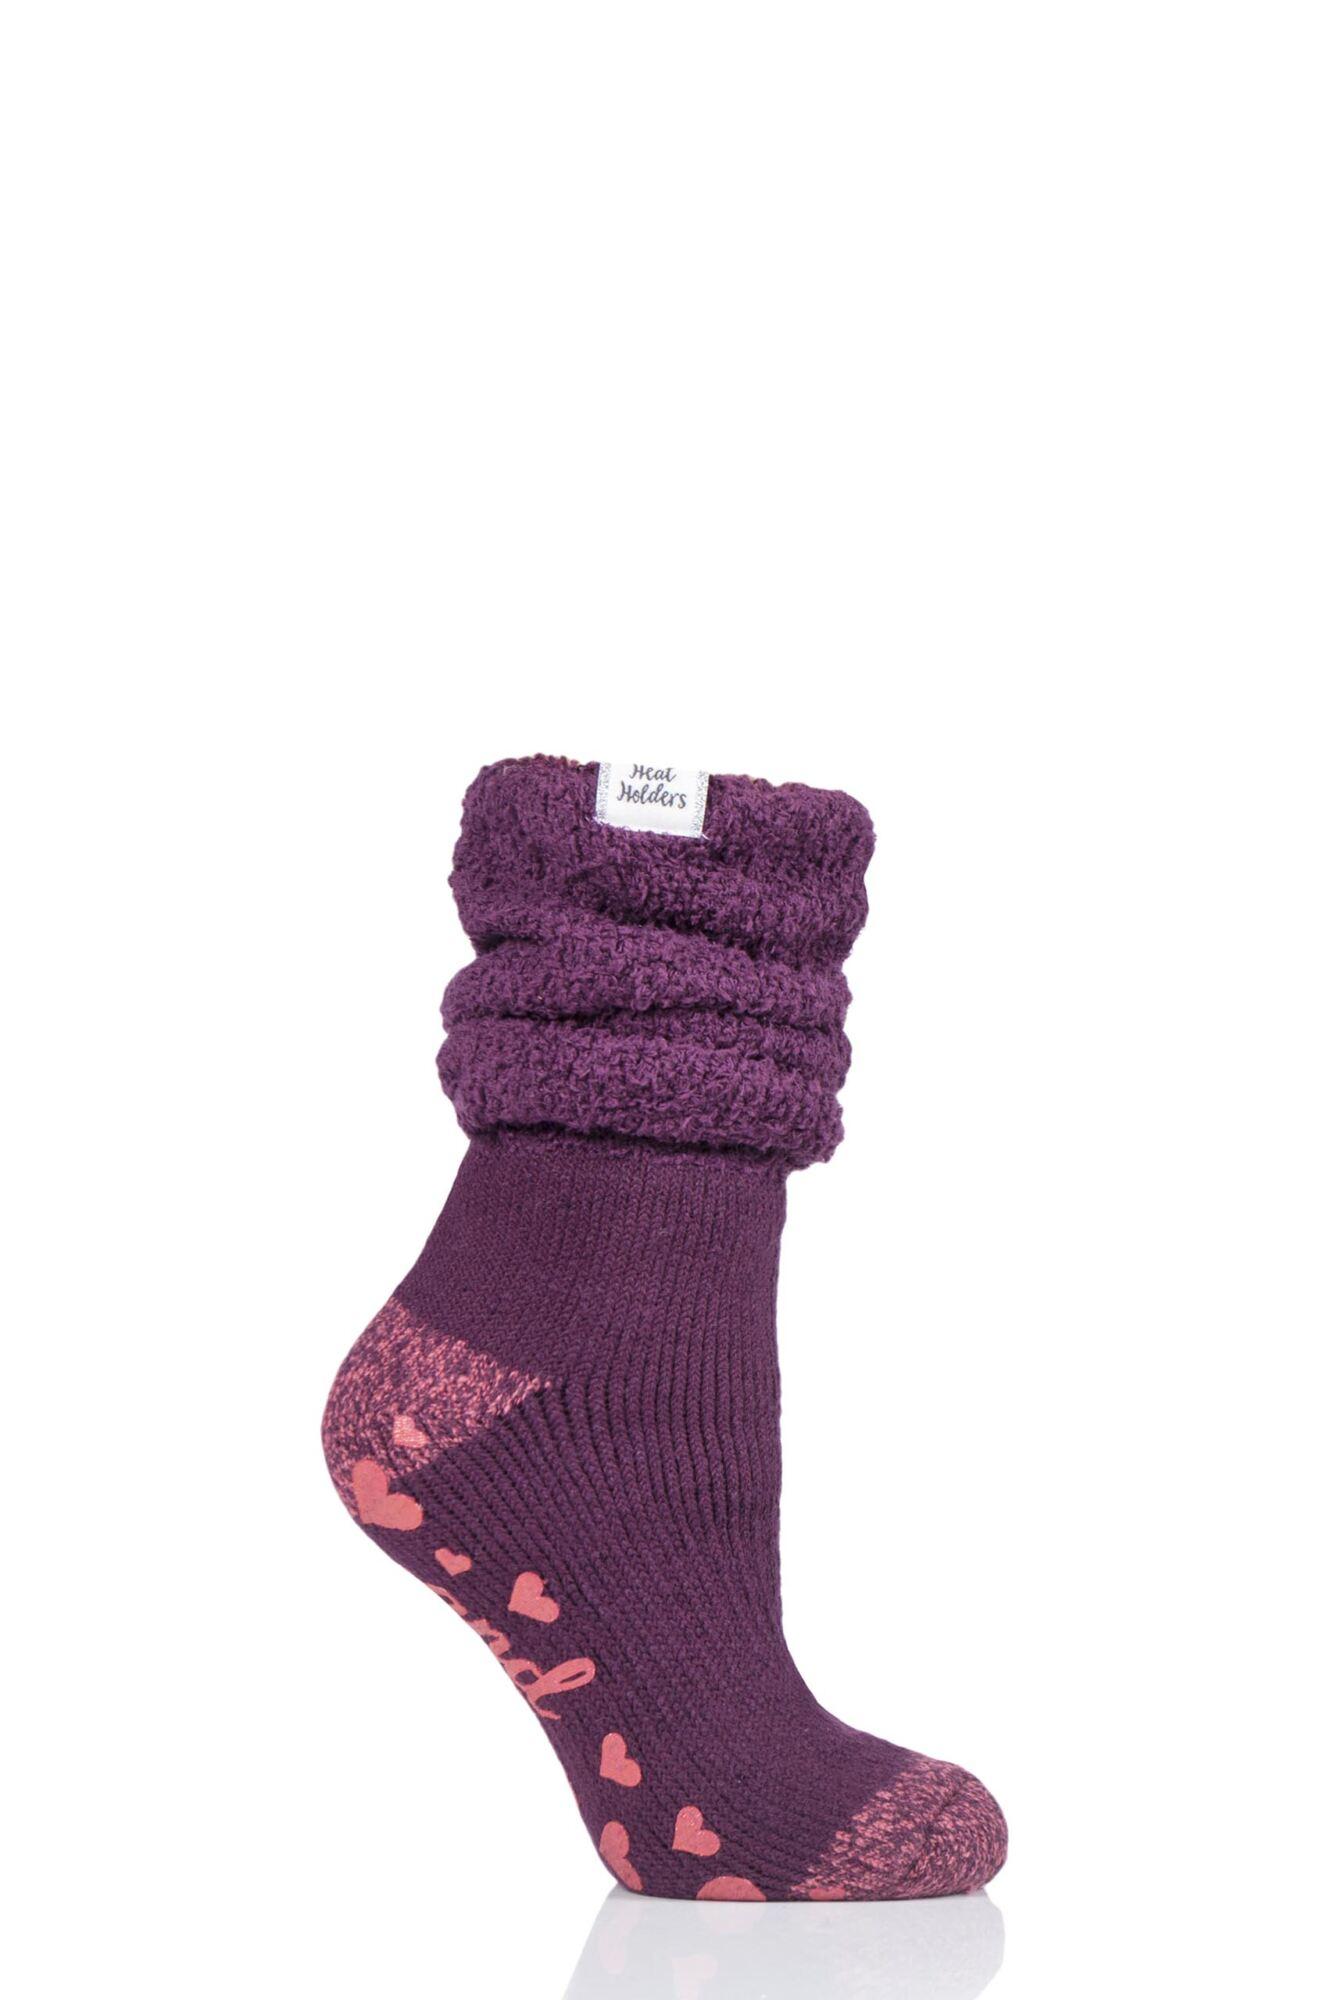 1 Pair Lounge Cosy Slouch Socks Ladies - Heat Holders